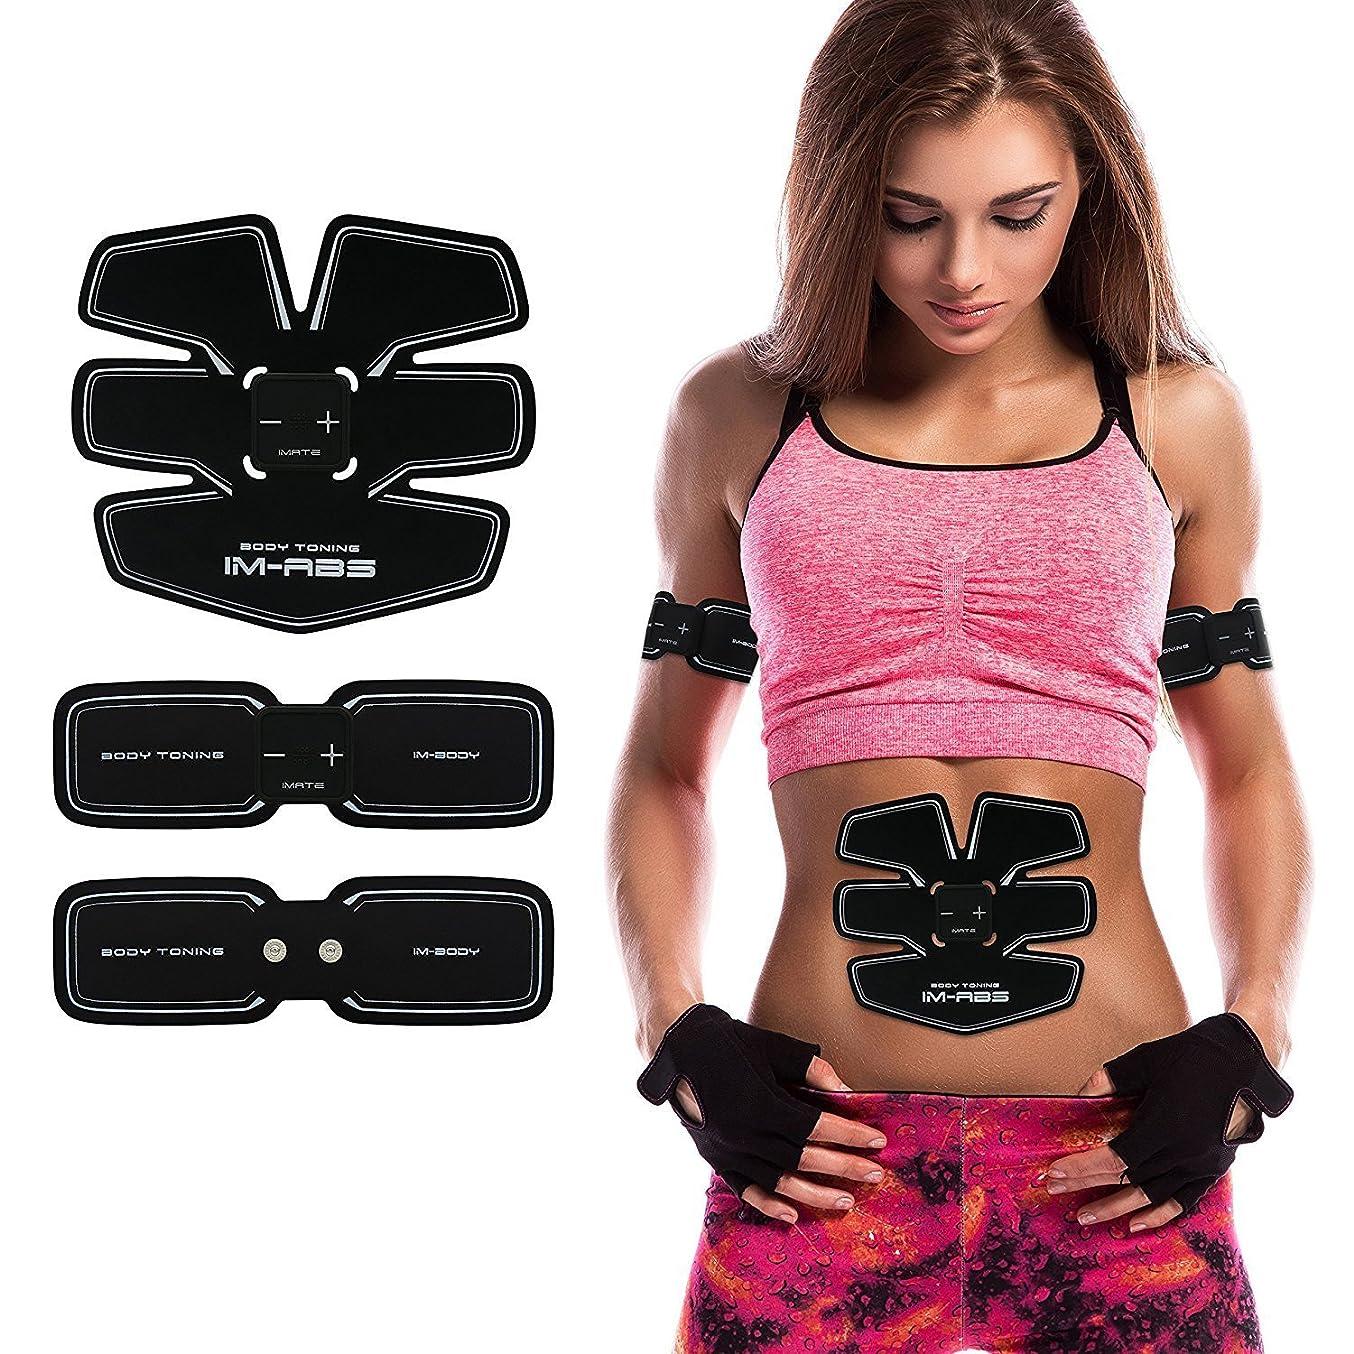 樹木氷本質的に腹筋ベルト ems腹筋マシン 健康器具 筋肉刺激 運動用 お腹 腹筋 背筋 側筋の使用に適して 男女兼用